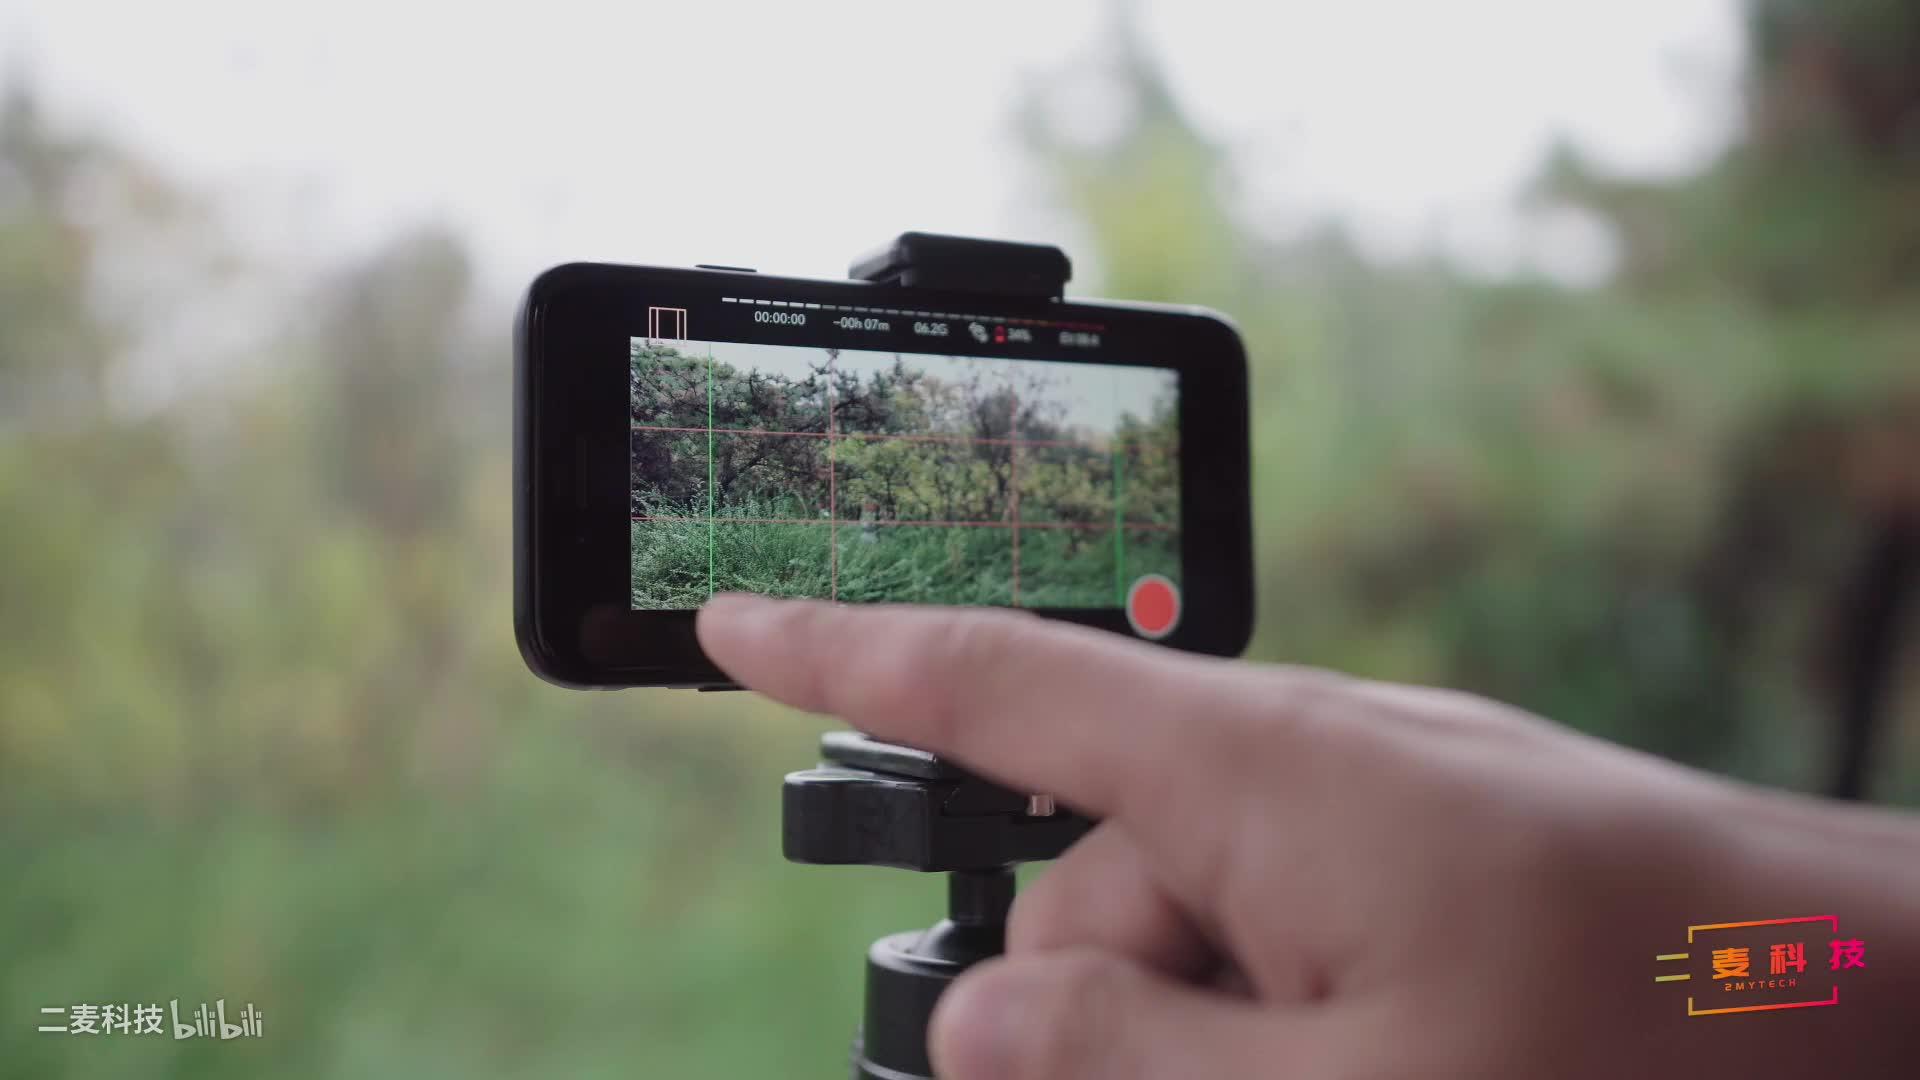 贵手机才能拍出清晰视频?用手机拍视频,你应该从这些方面发力